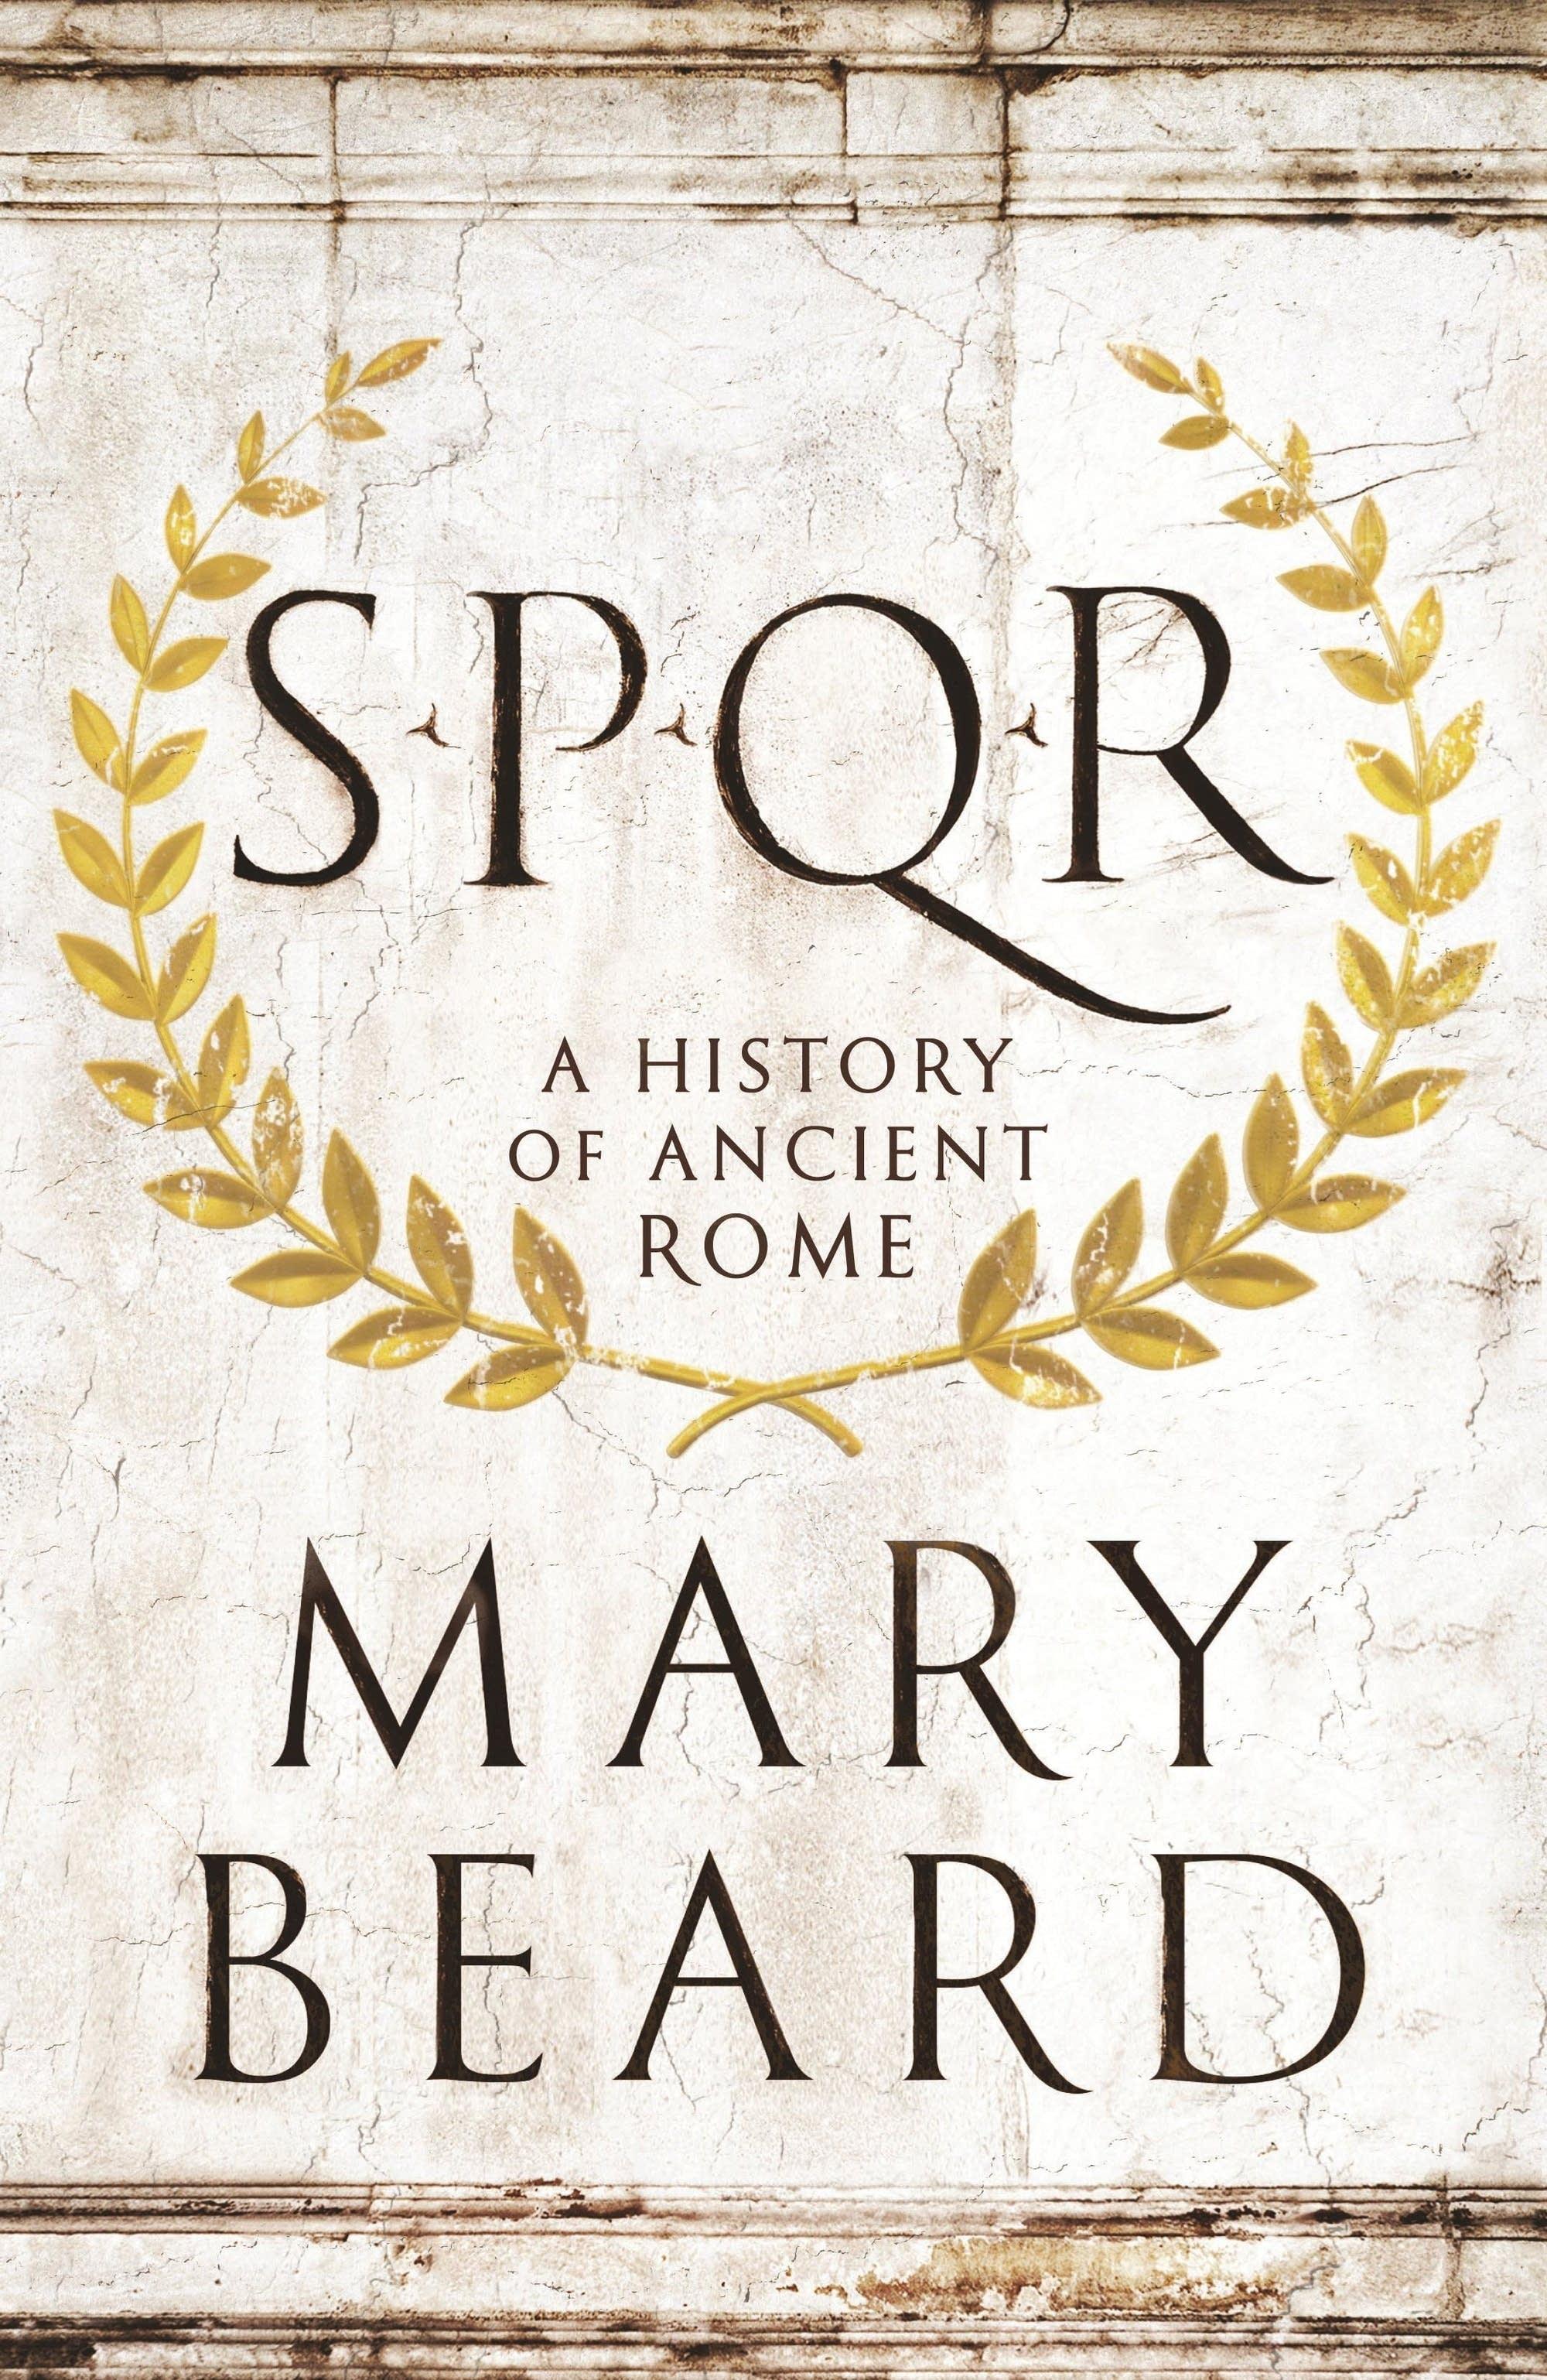 'SPQR' by Mary Beard